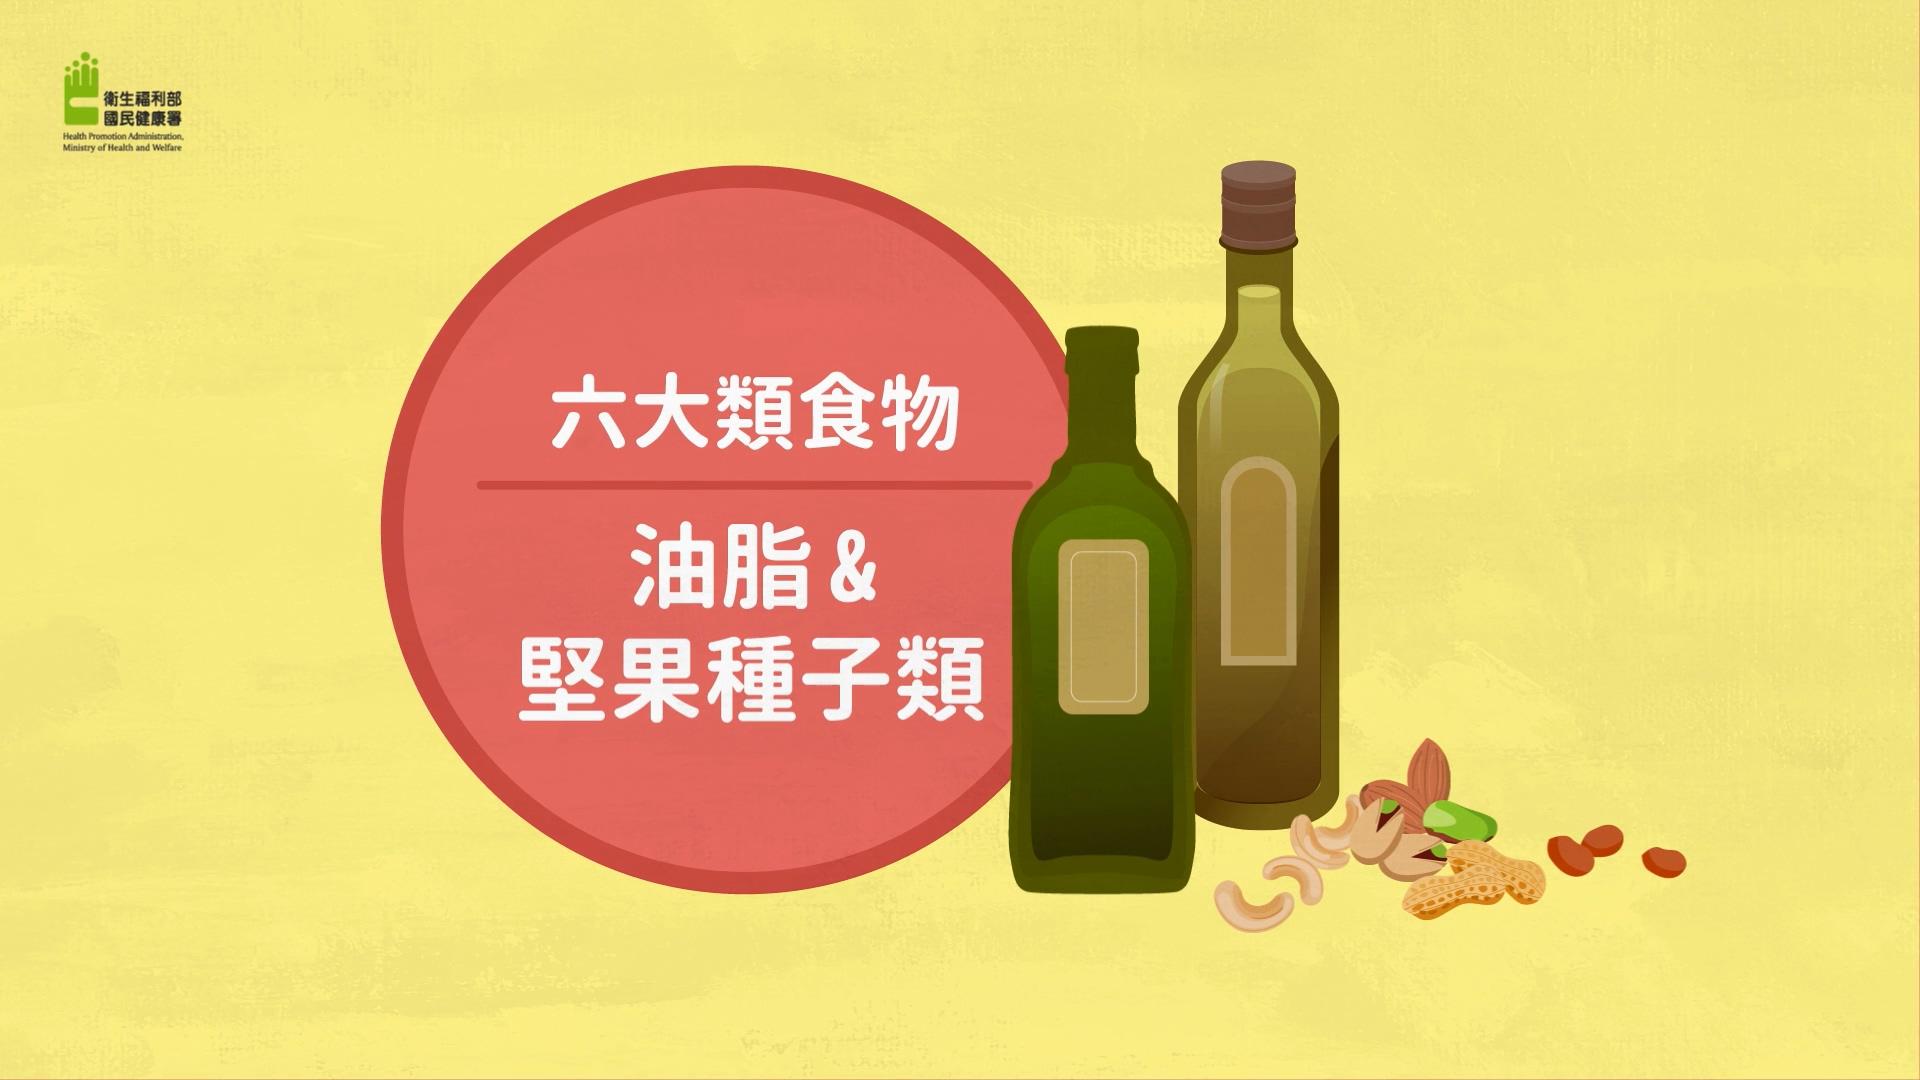 六大類食物06油脂與堅果種子類